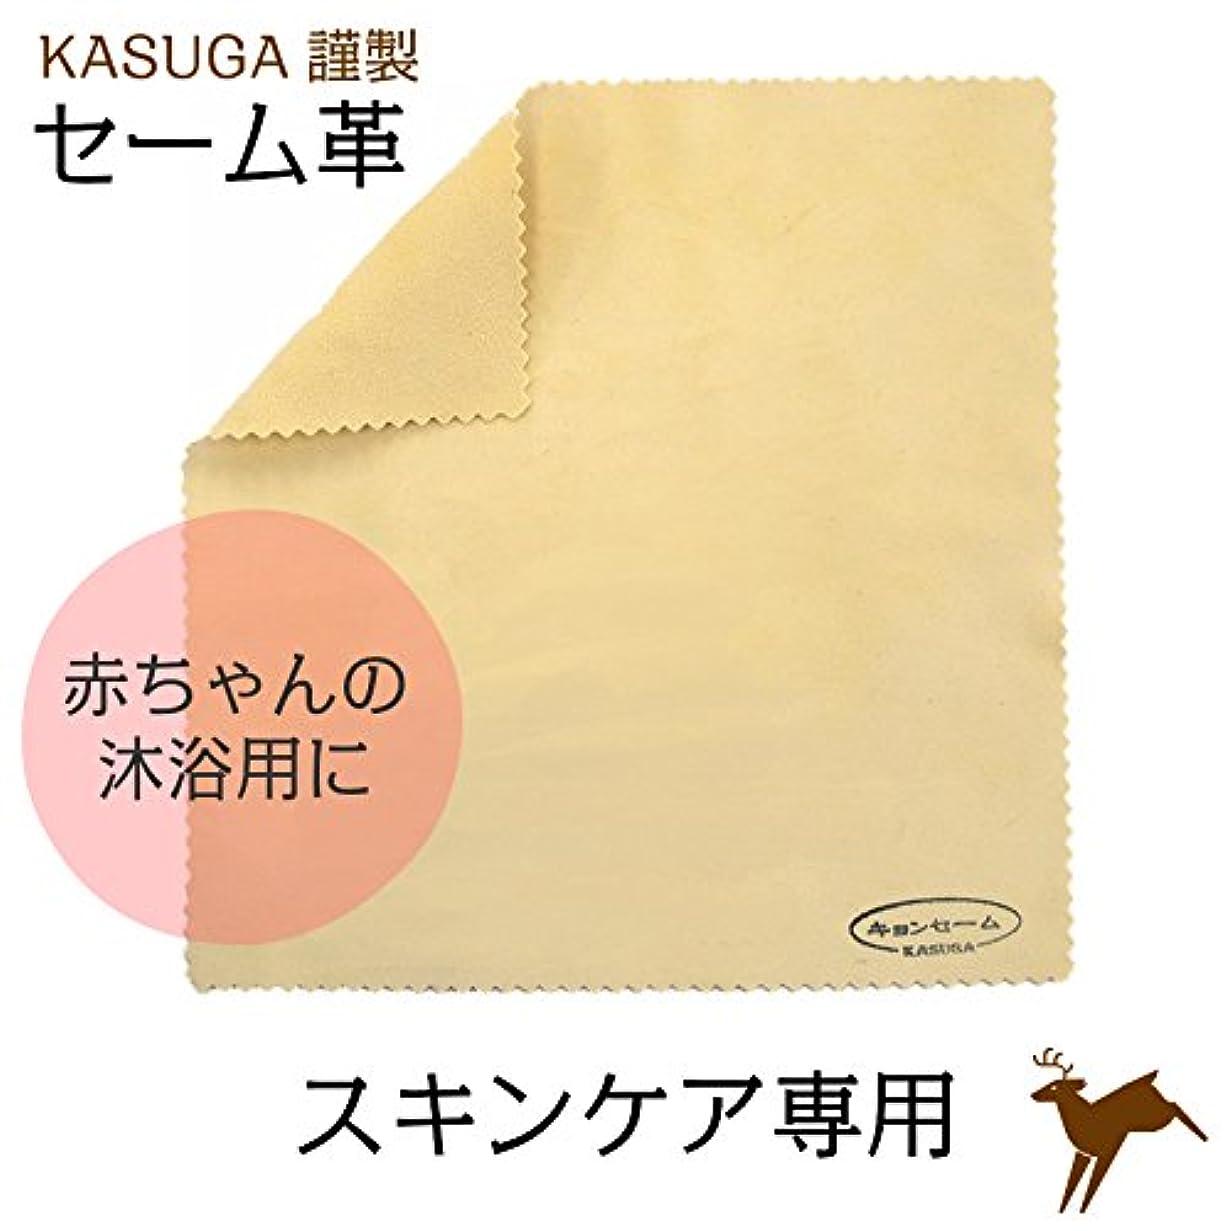 お茶受粉する広告主春日カスガ謹製 スキンケア専用キョンセーム革 20cm×20cm